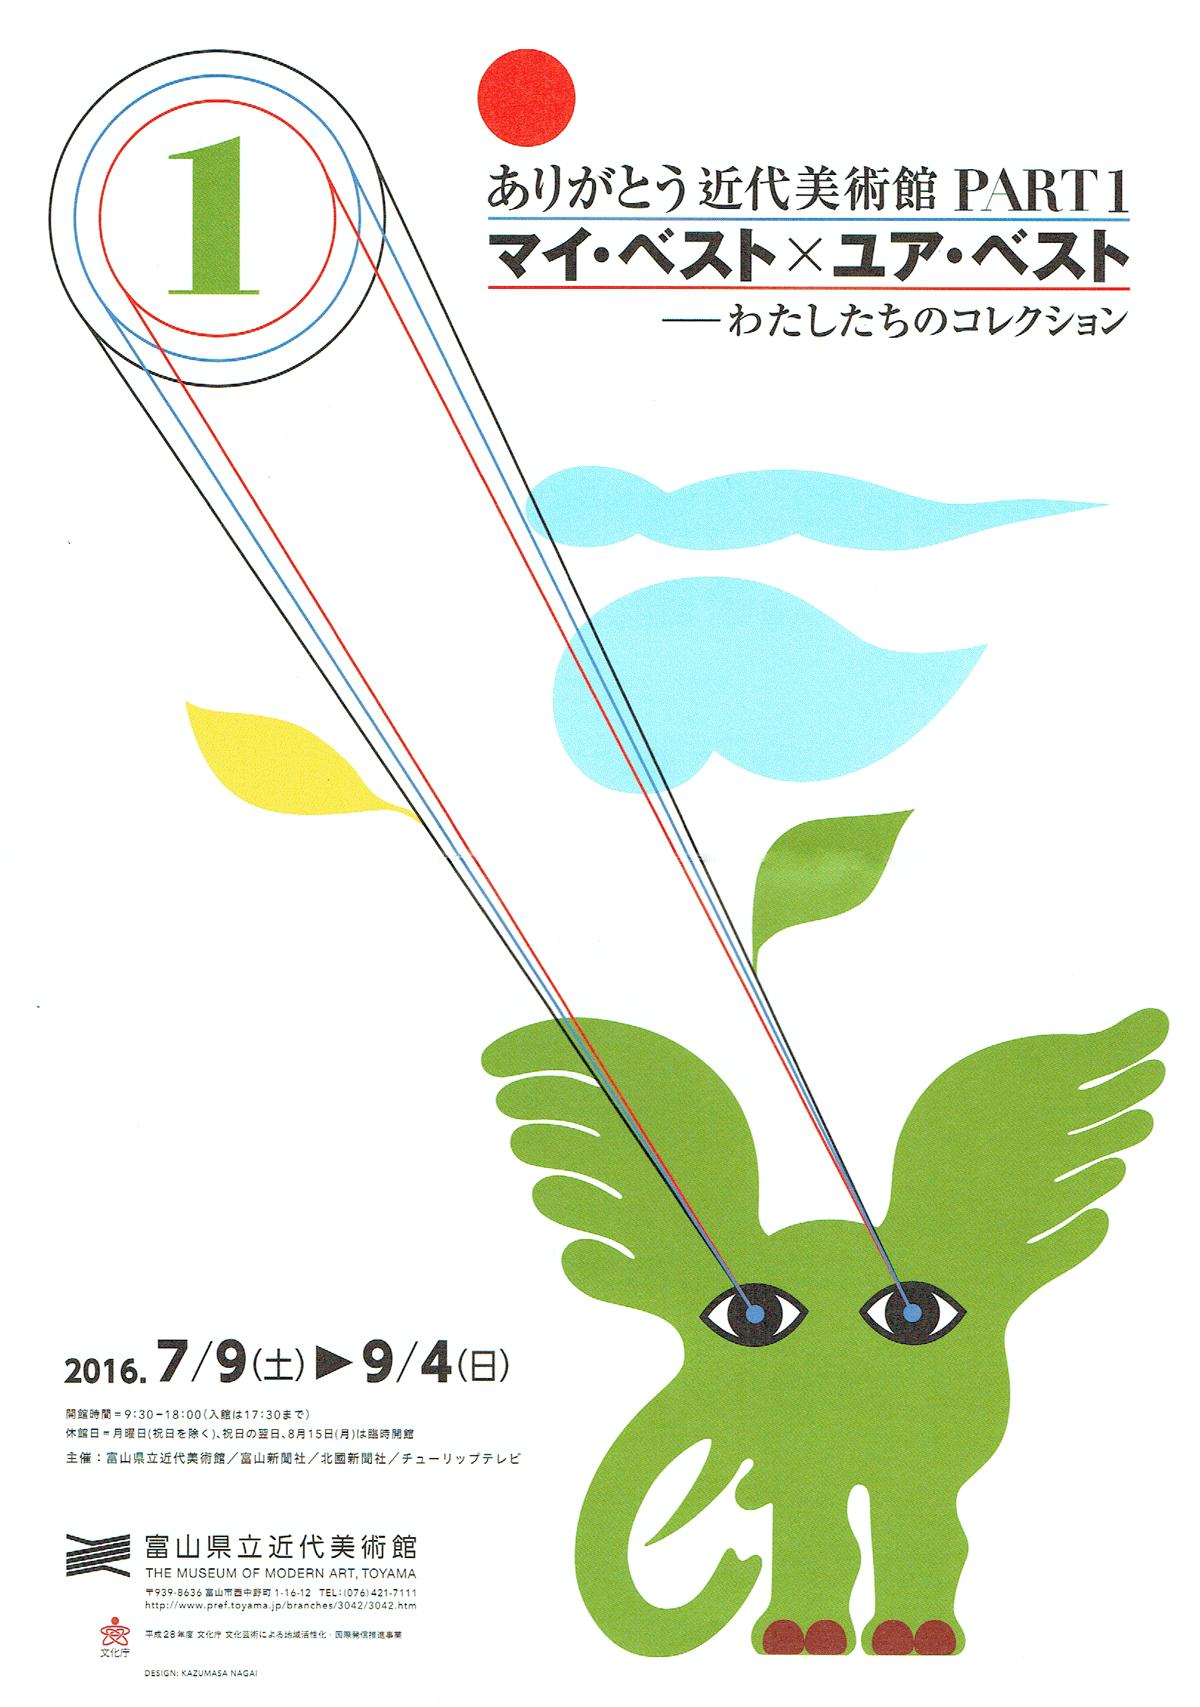 富山県立近代美術館 マイベスト×ユアベスト